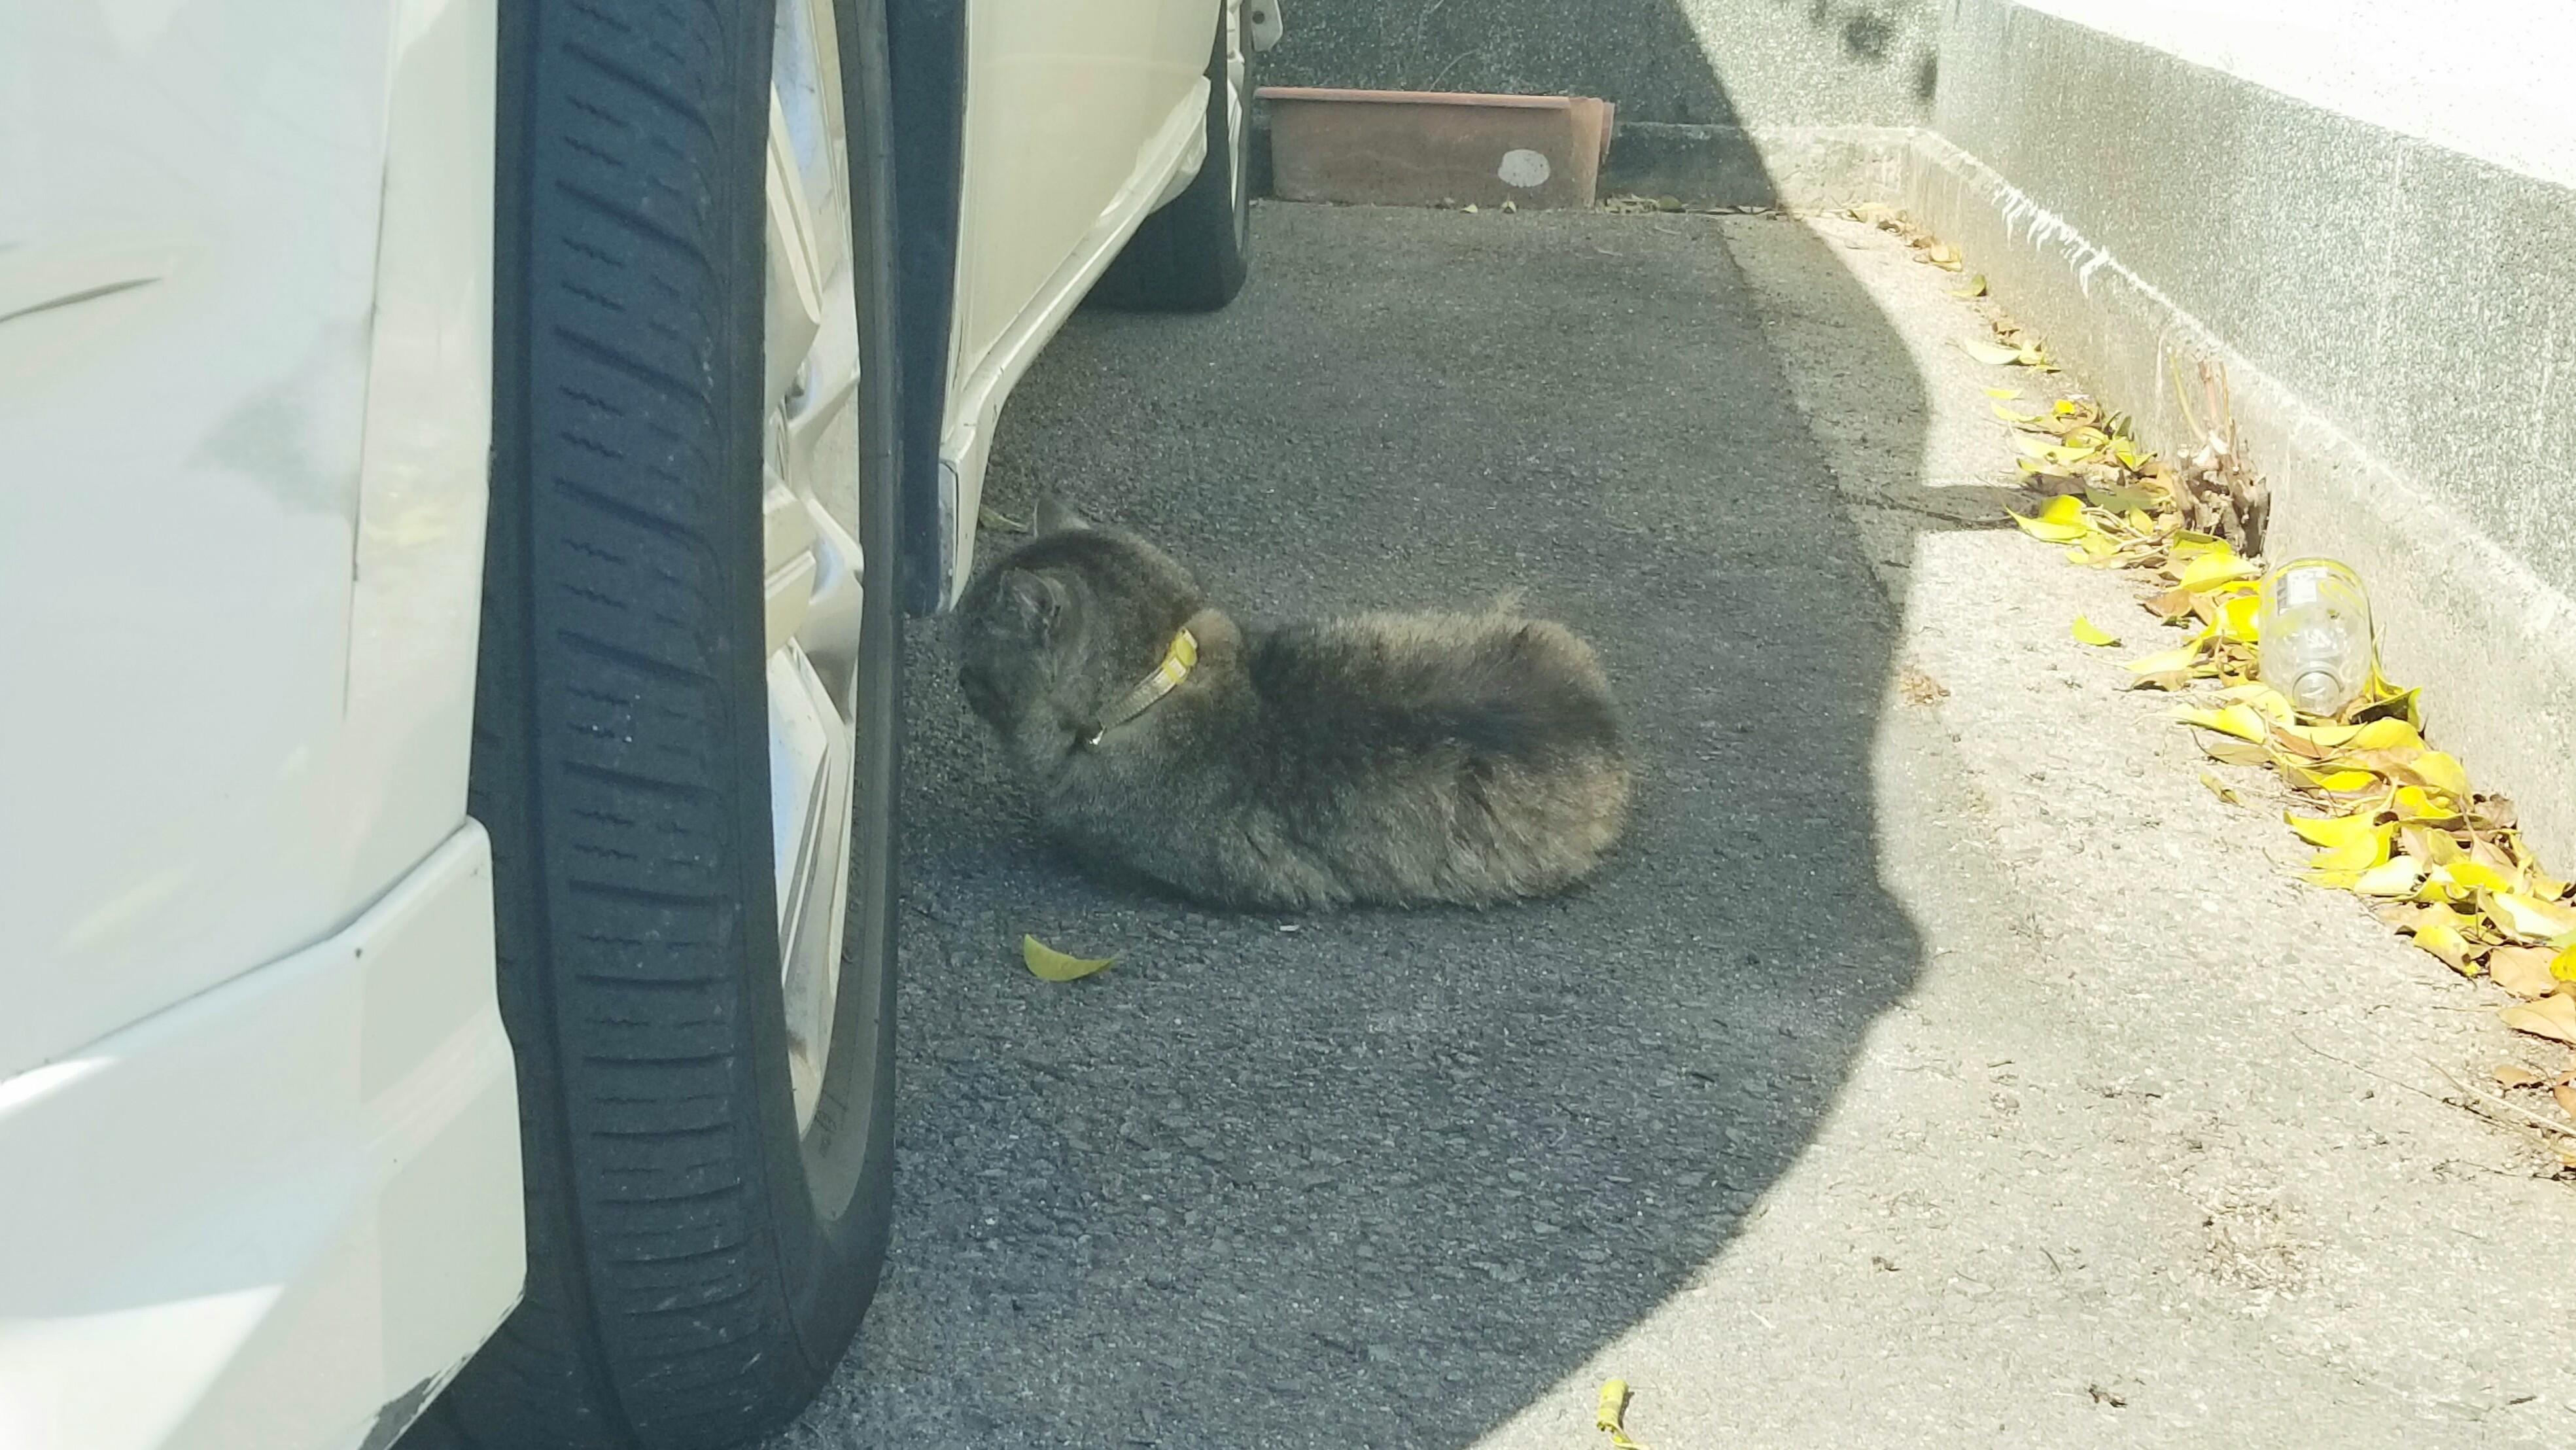 猫にゃんこちゃん縄張り意識なつくなついてる首輪した警戒心強め